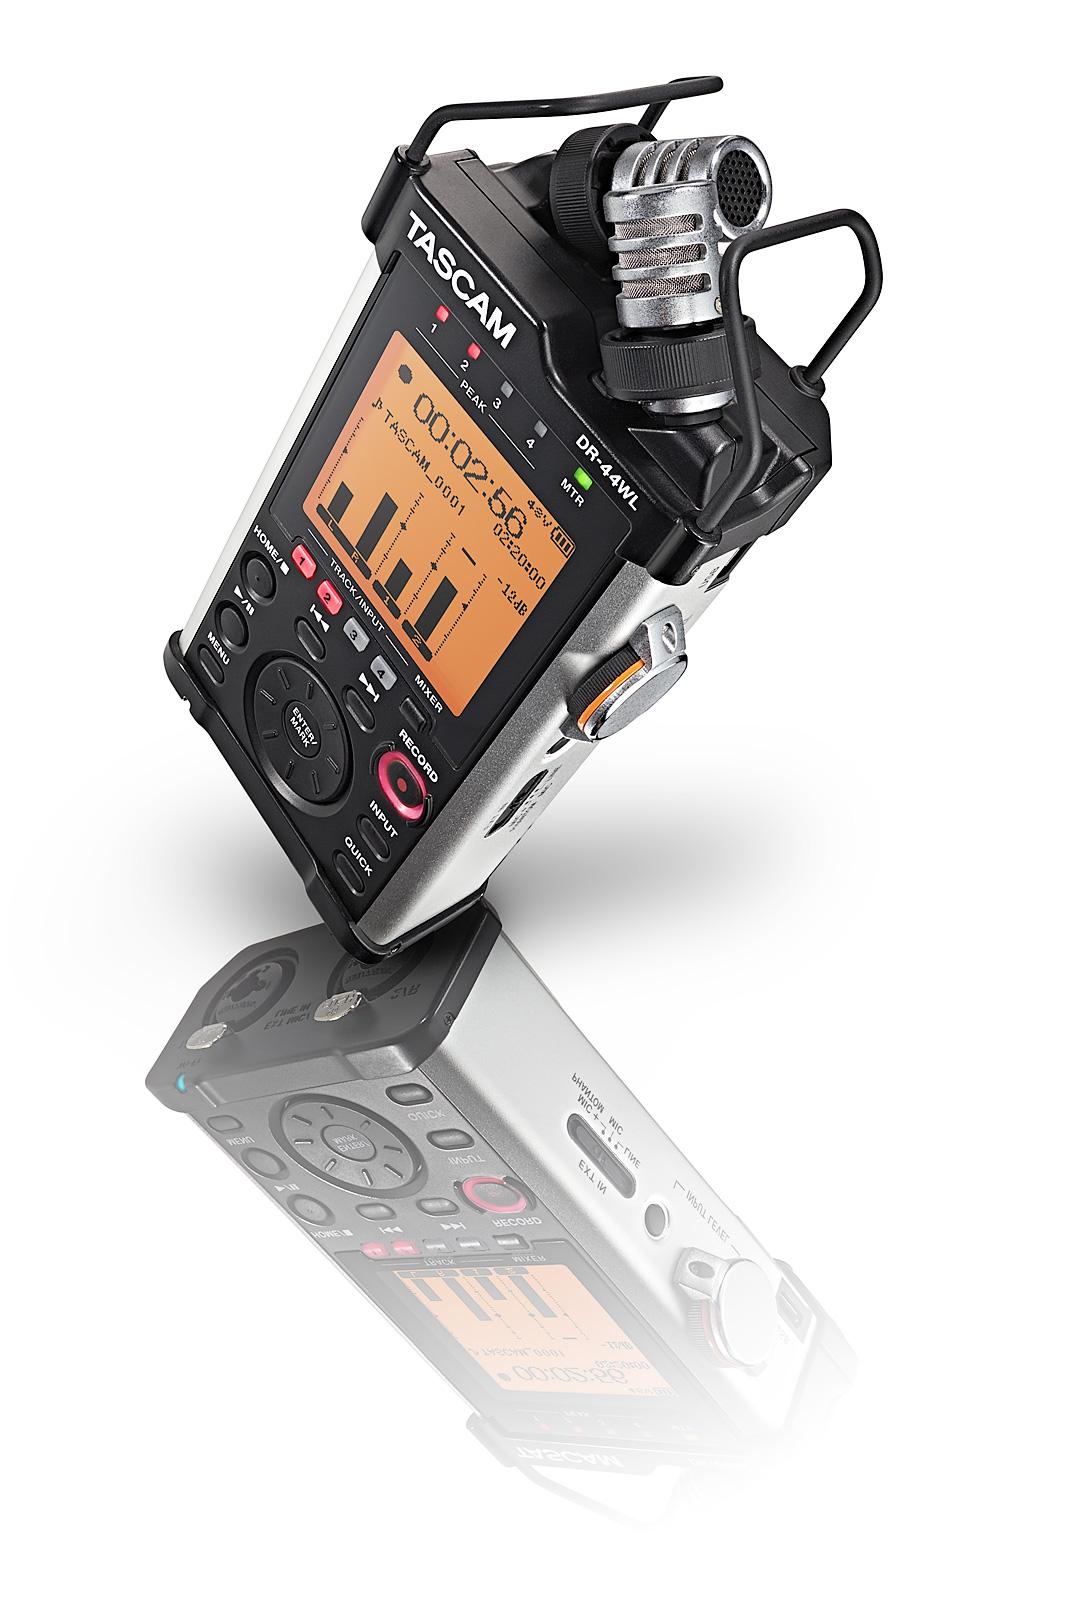 Billede af Tascam DR-44WL håndholdt stereo optager